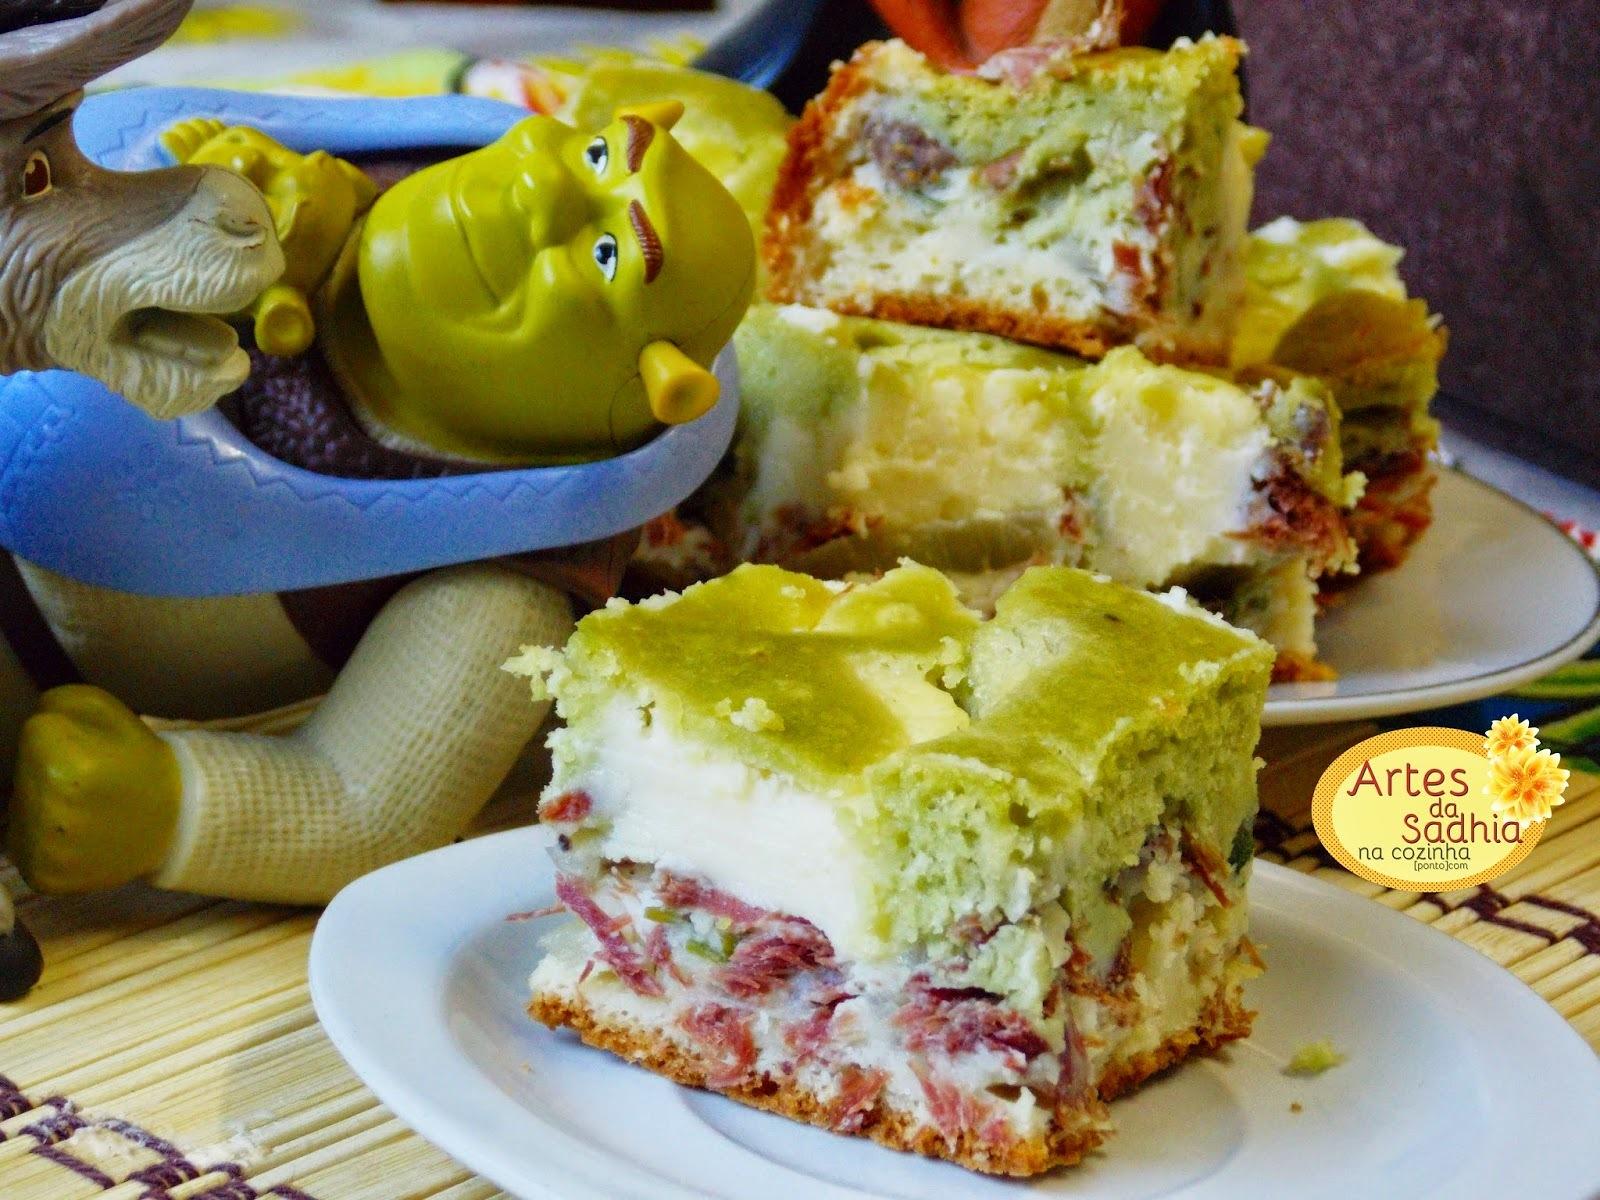 Torta de Carne Seca e Catupiry do Sherk